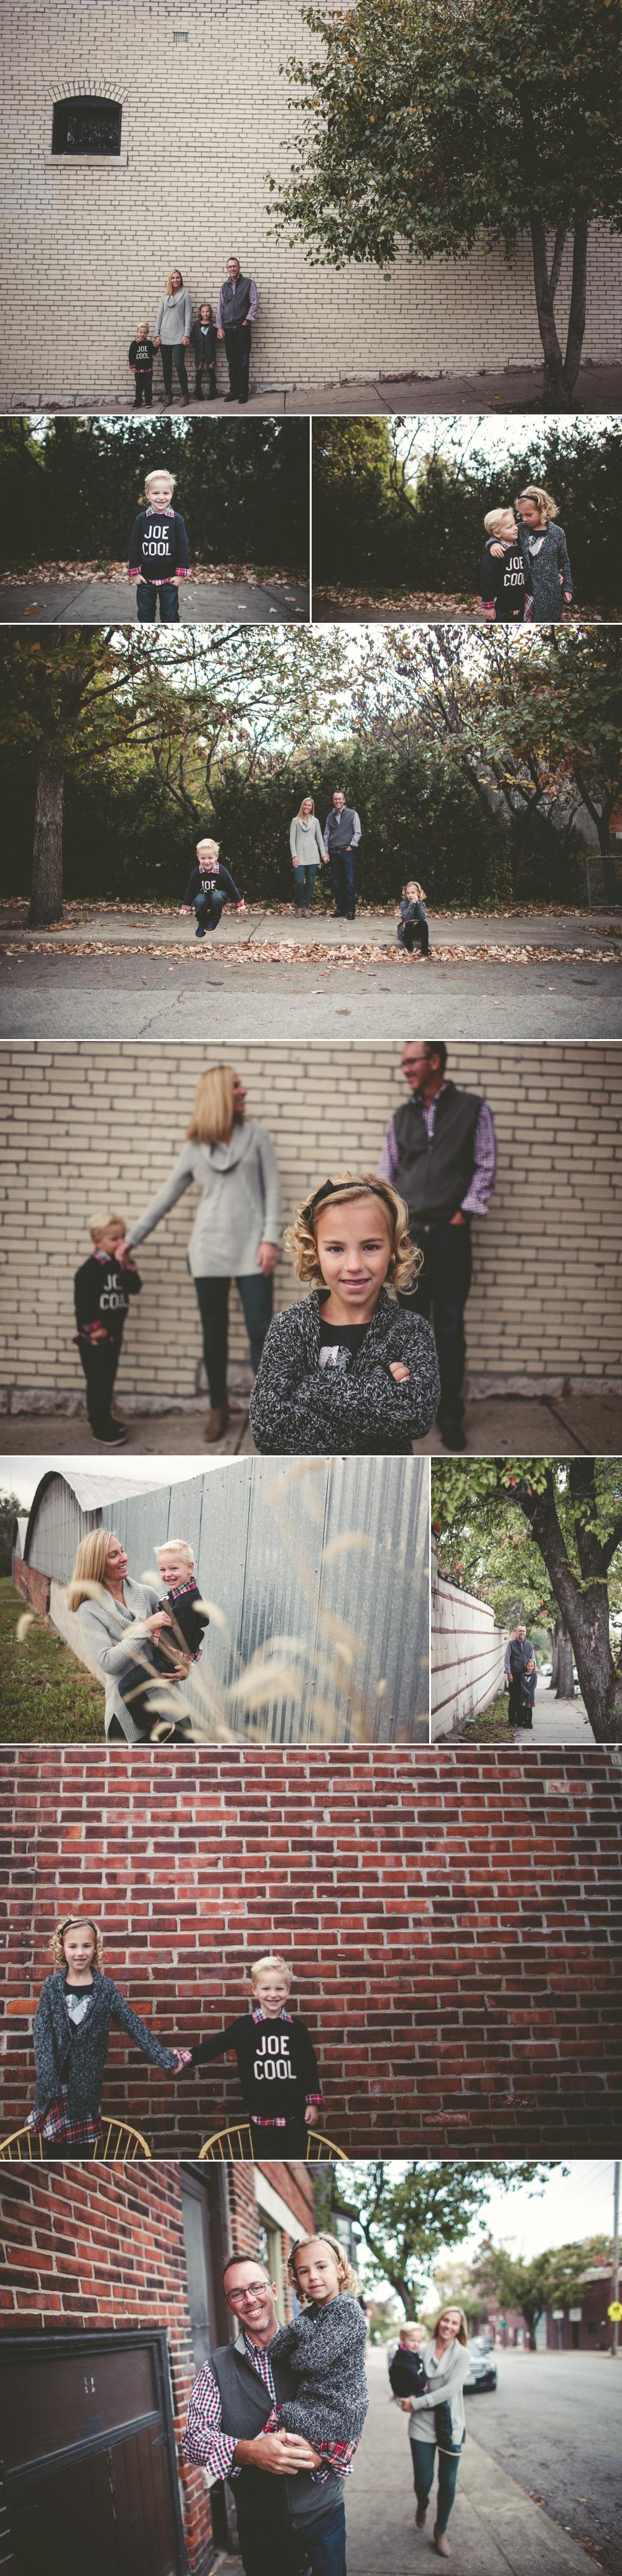 jason_domingues_photography_best_kansas_city_photographer_kc_family_photos_portrait_session_downtown_west_side_creative